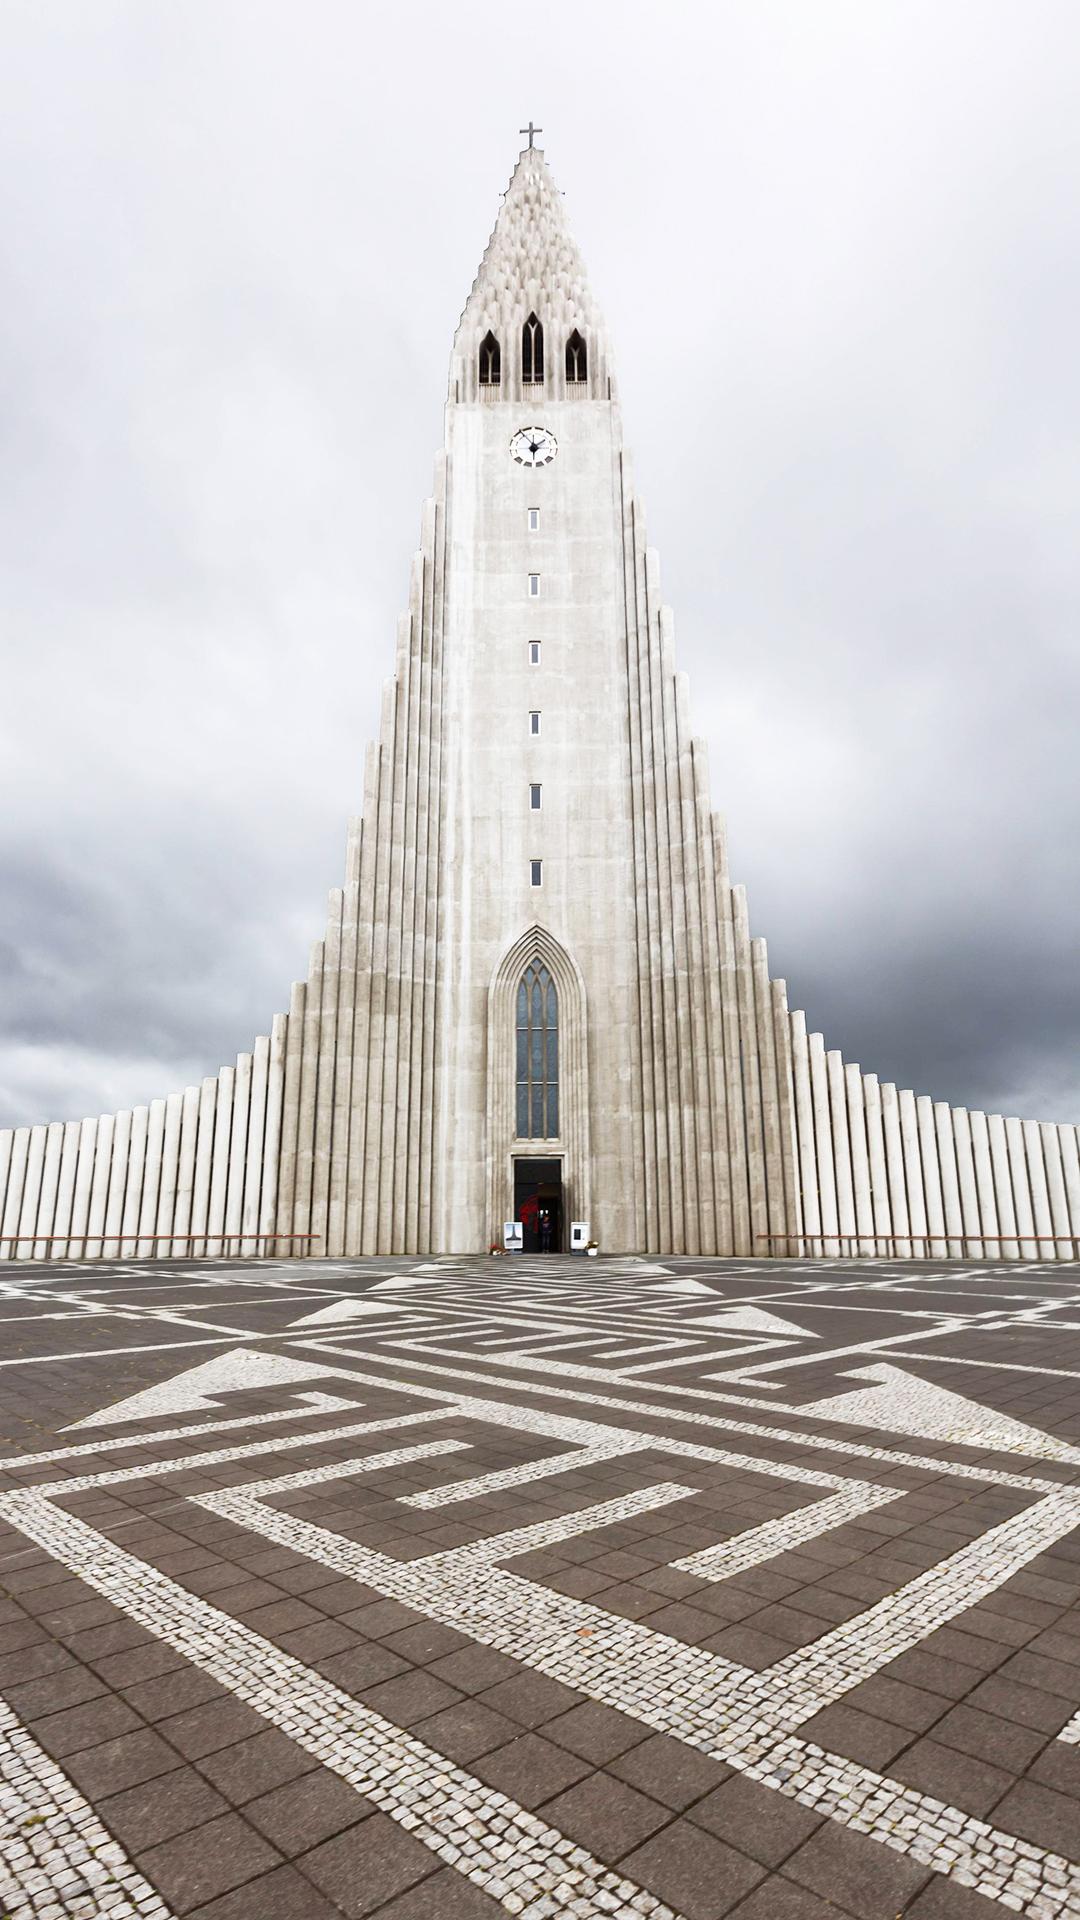 Iceland hallgrimskirkja iphone wallpaper hd - Iceland iphone wallpaper ...